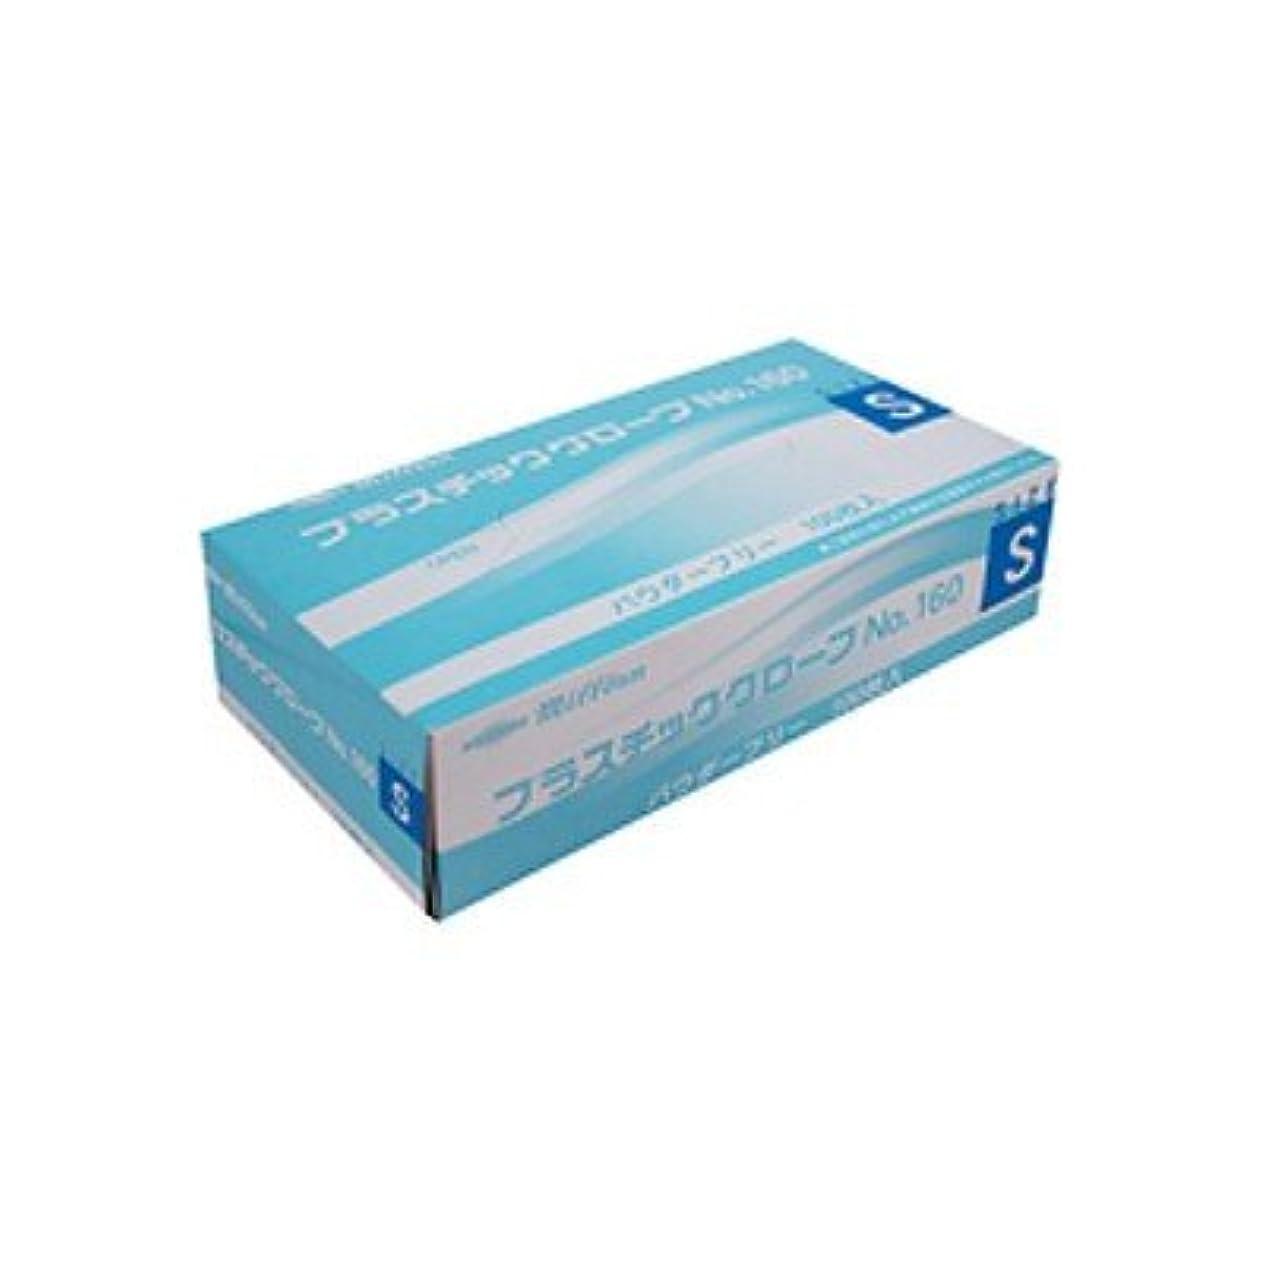 素晴らしい冷酷なスチュワーデスミリオン プラスチック手袋 粉無 No.160 S 品番:LH-160-S 注文番号:62741613 メーカー:共和